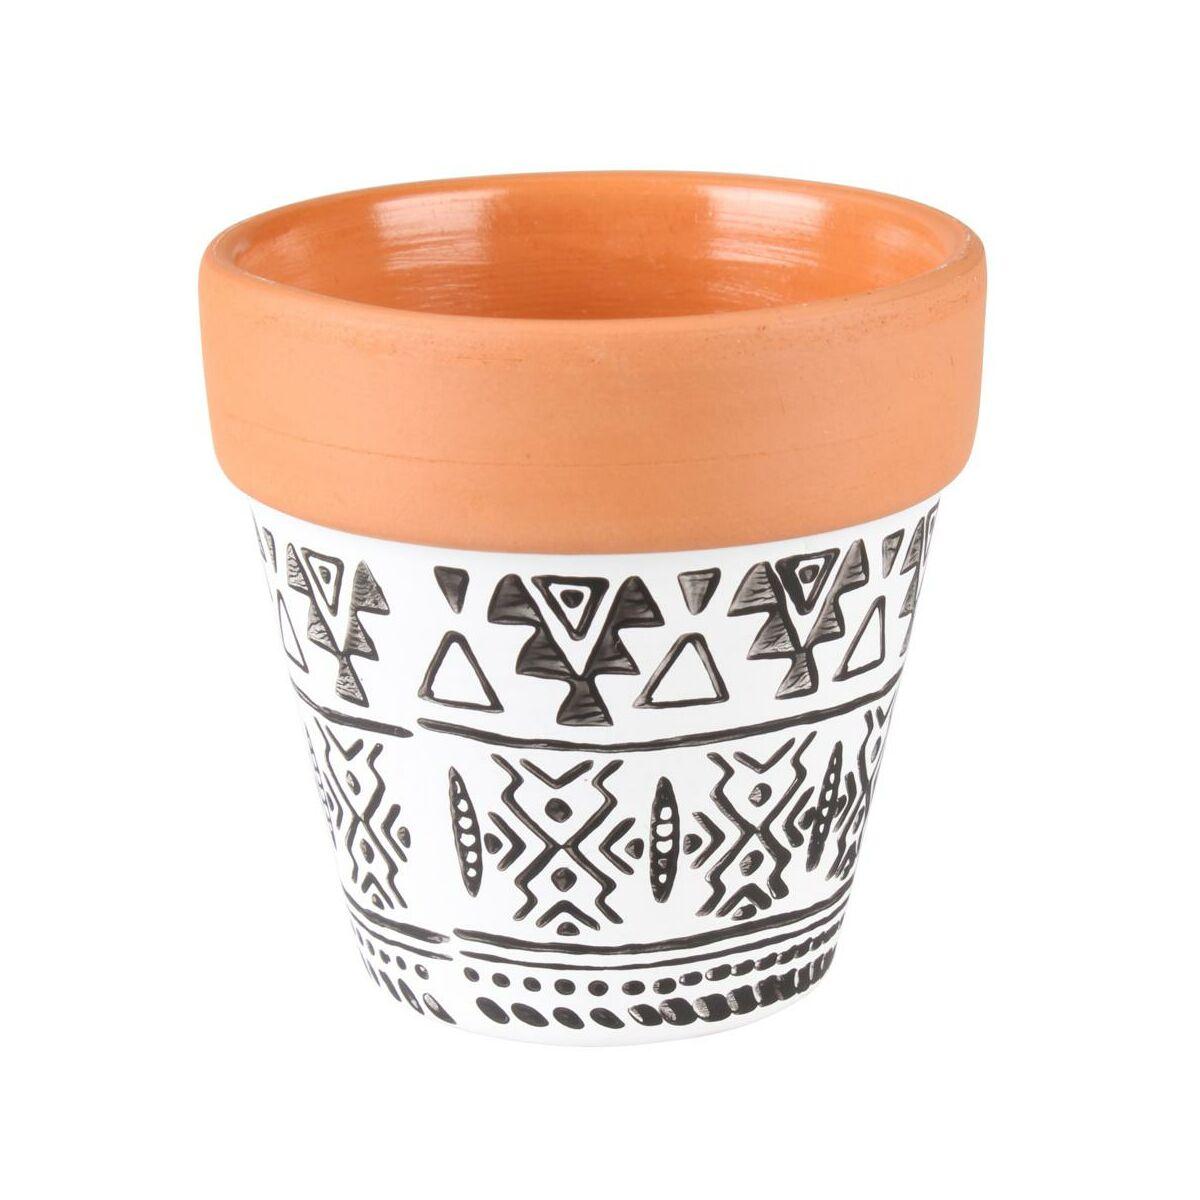 Osłonka Doniczki Ceramiczna 8 Cm Czarno Biała Axel